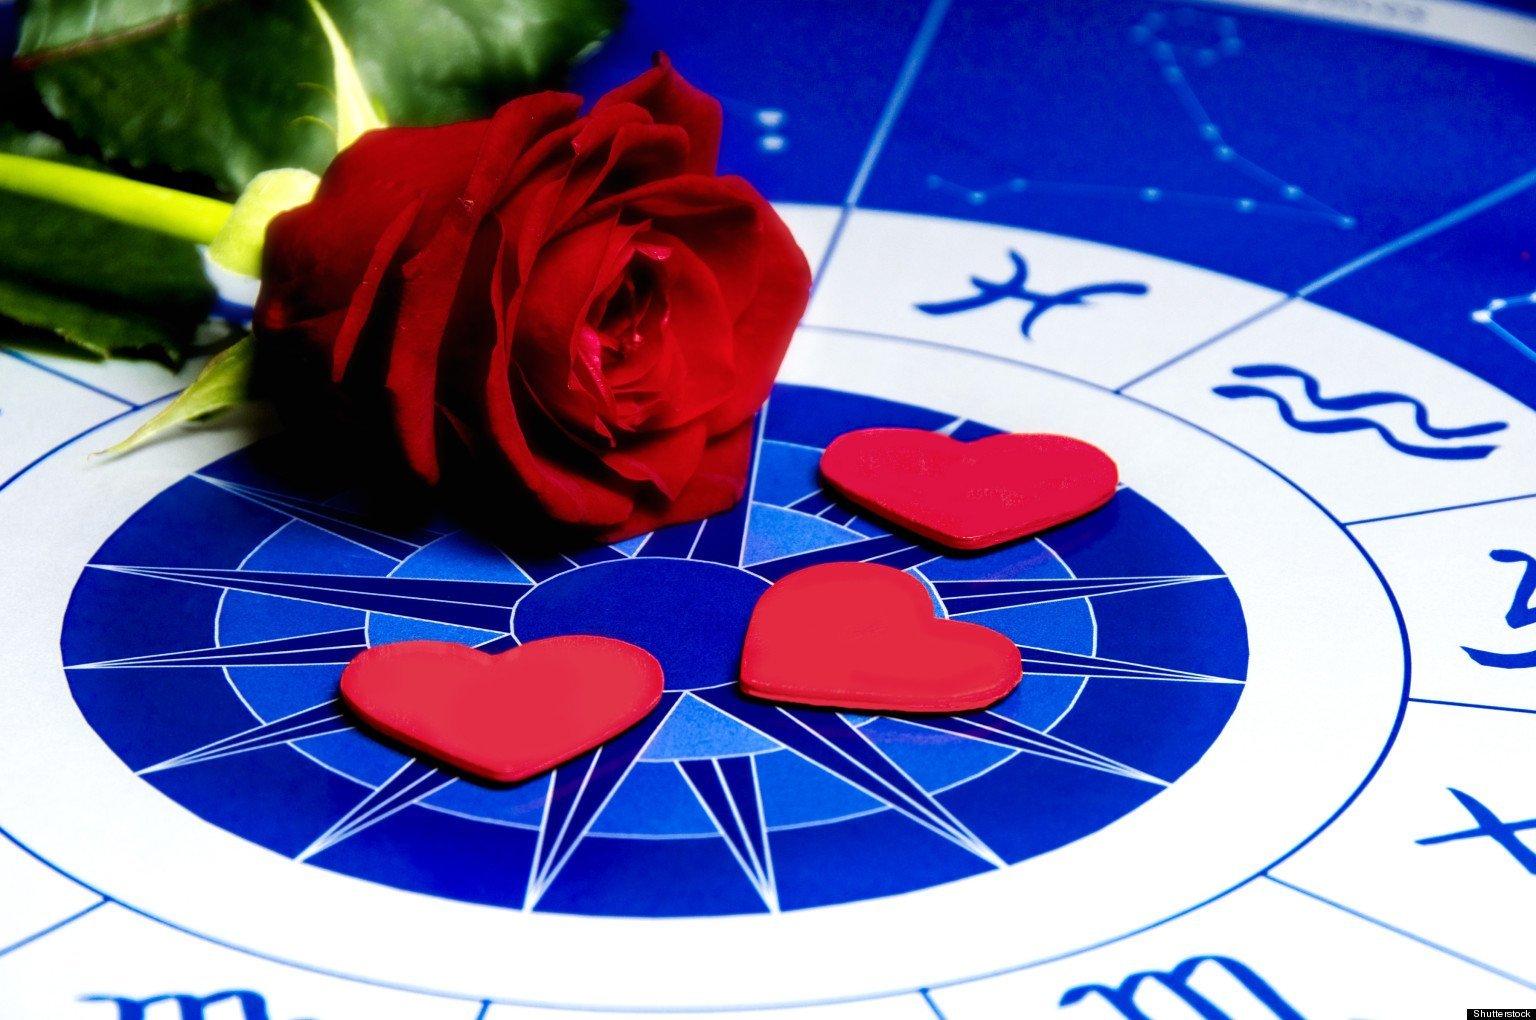 Картинки по запросу Новый год 2019гороскоп на 2019 год Свиньи, для всех знаков зодиака, любовный гороскоп